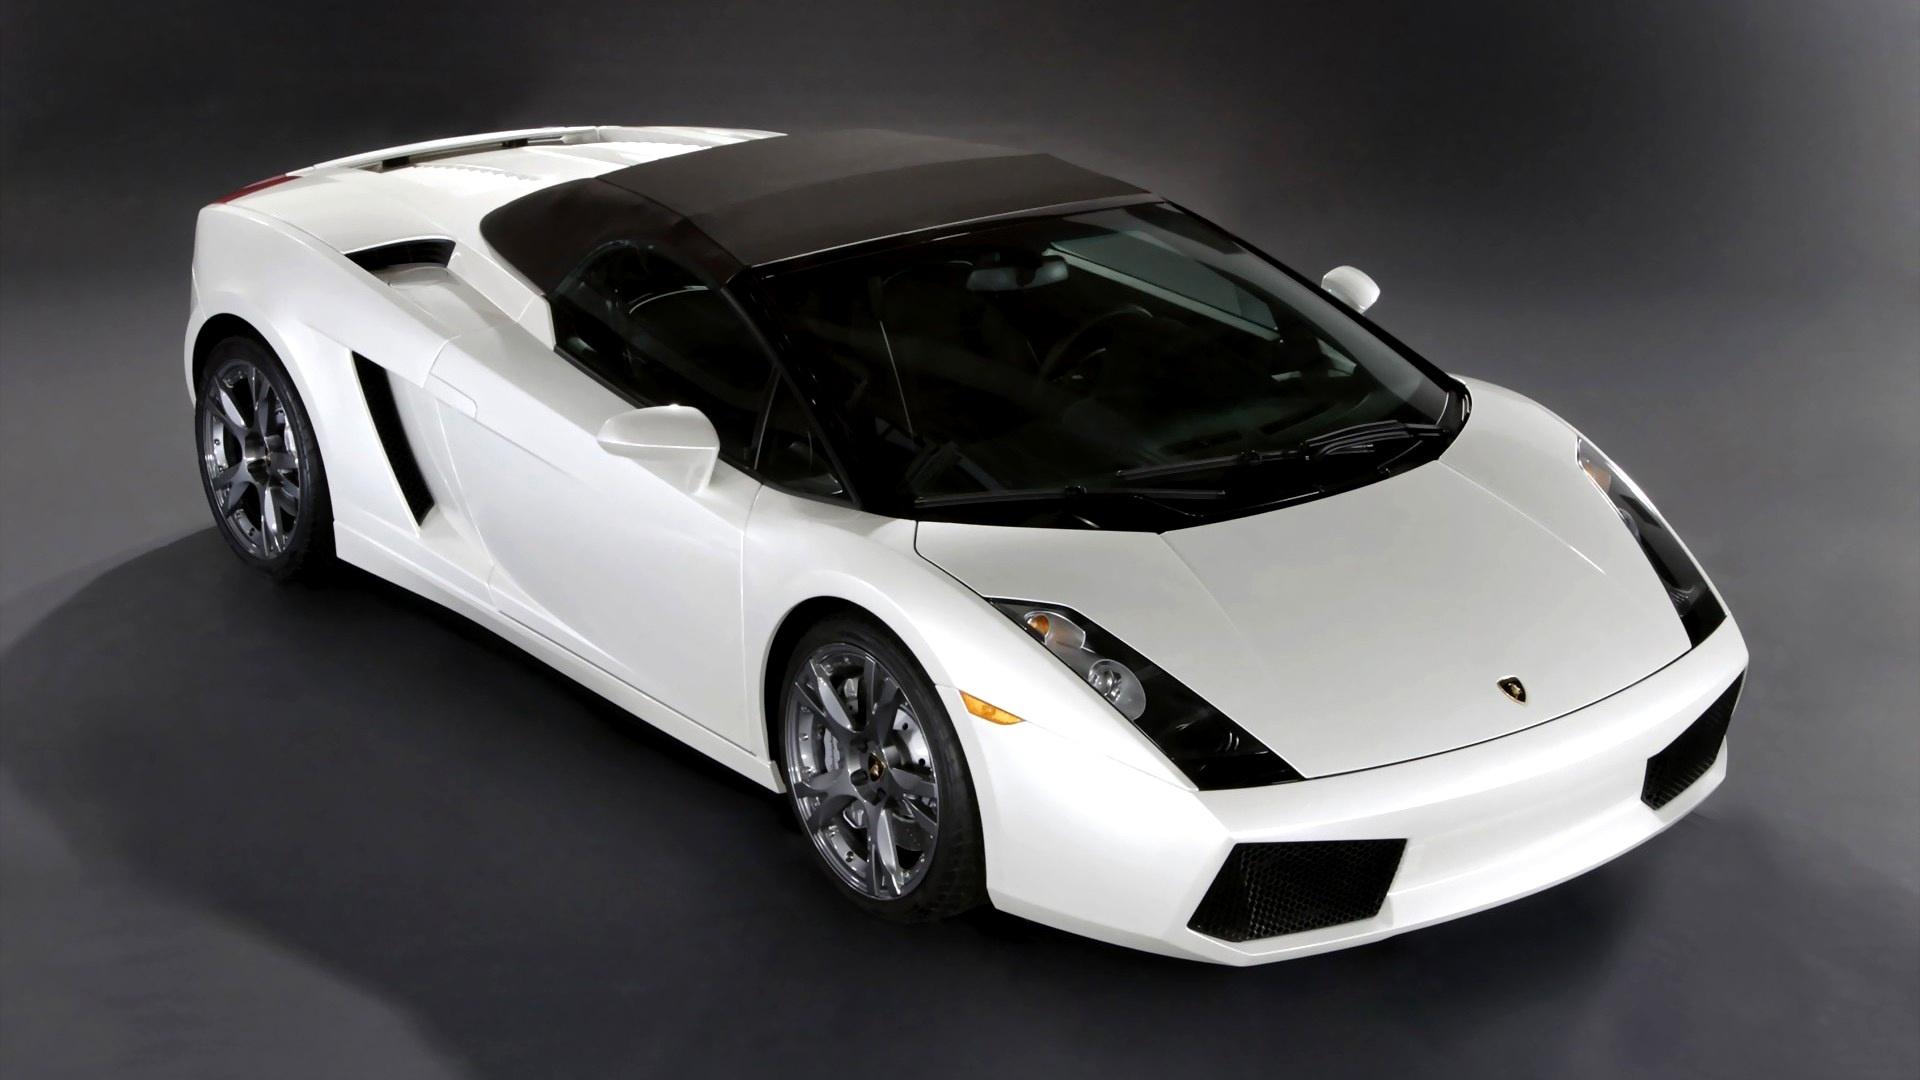 Lamborghini Hd 1080p Wallpapers In Jpg Format For Free Download